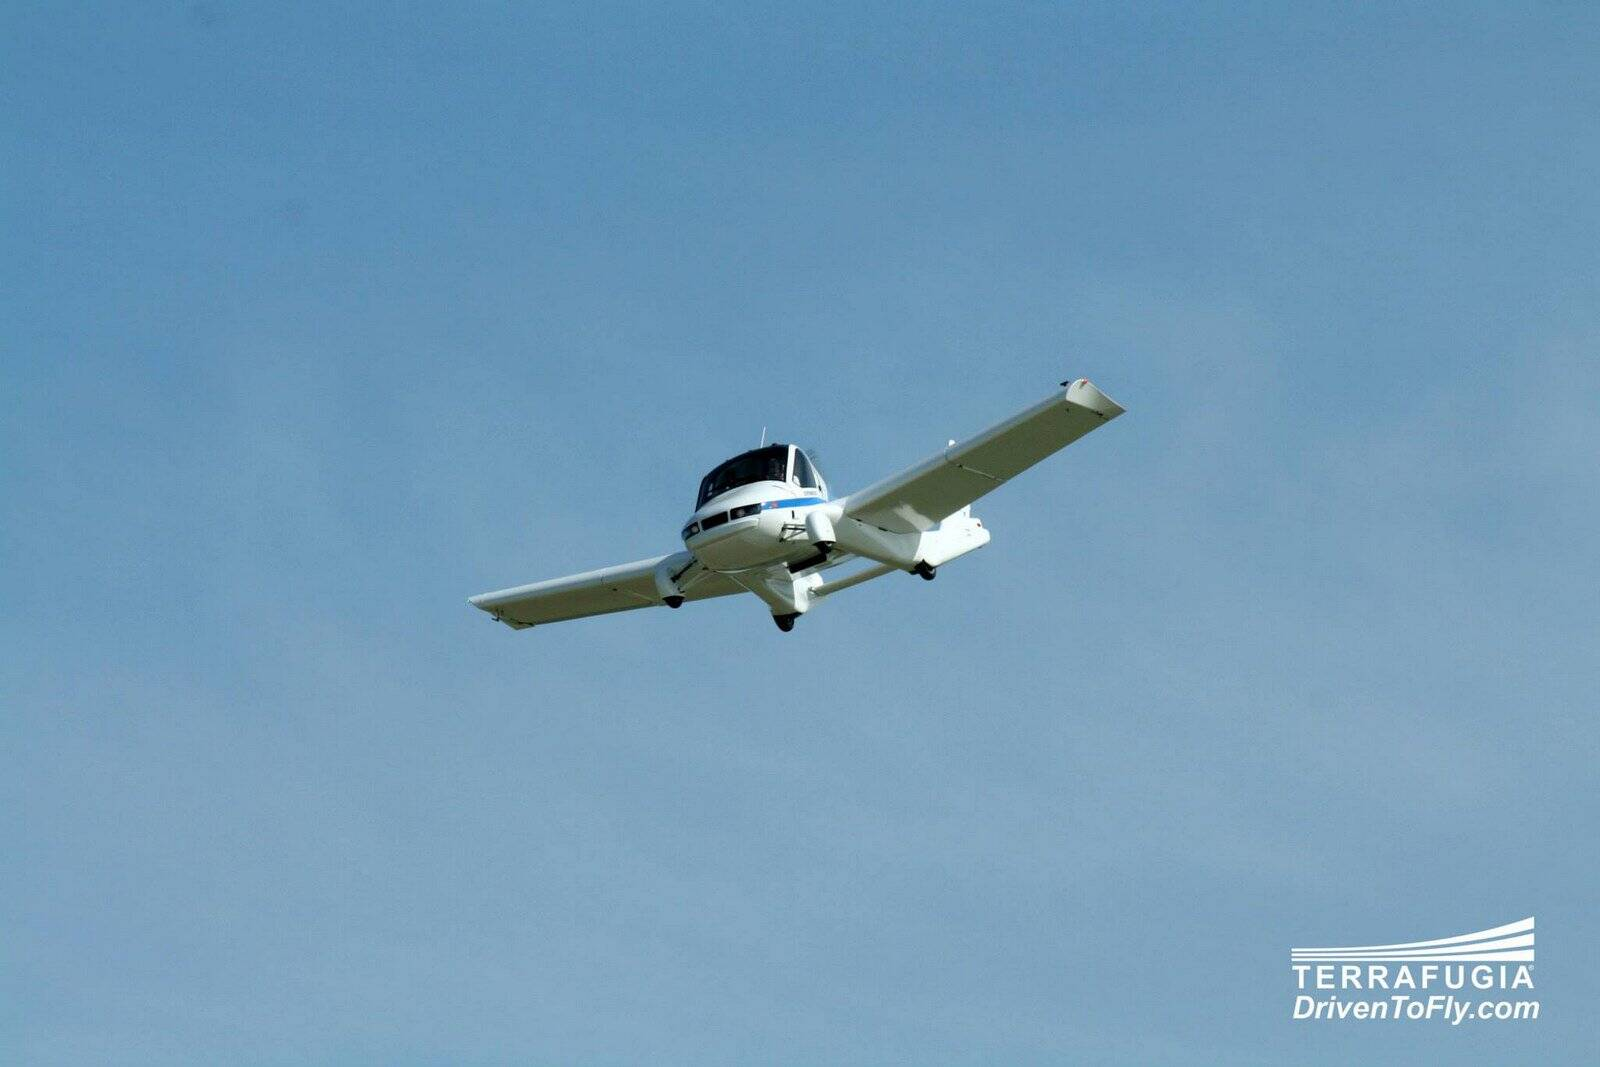 Carro voador. Foto: Divulgação